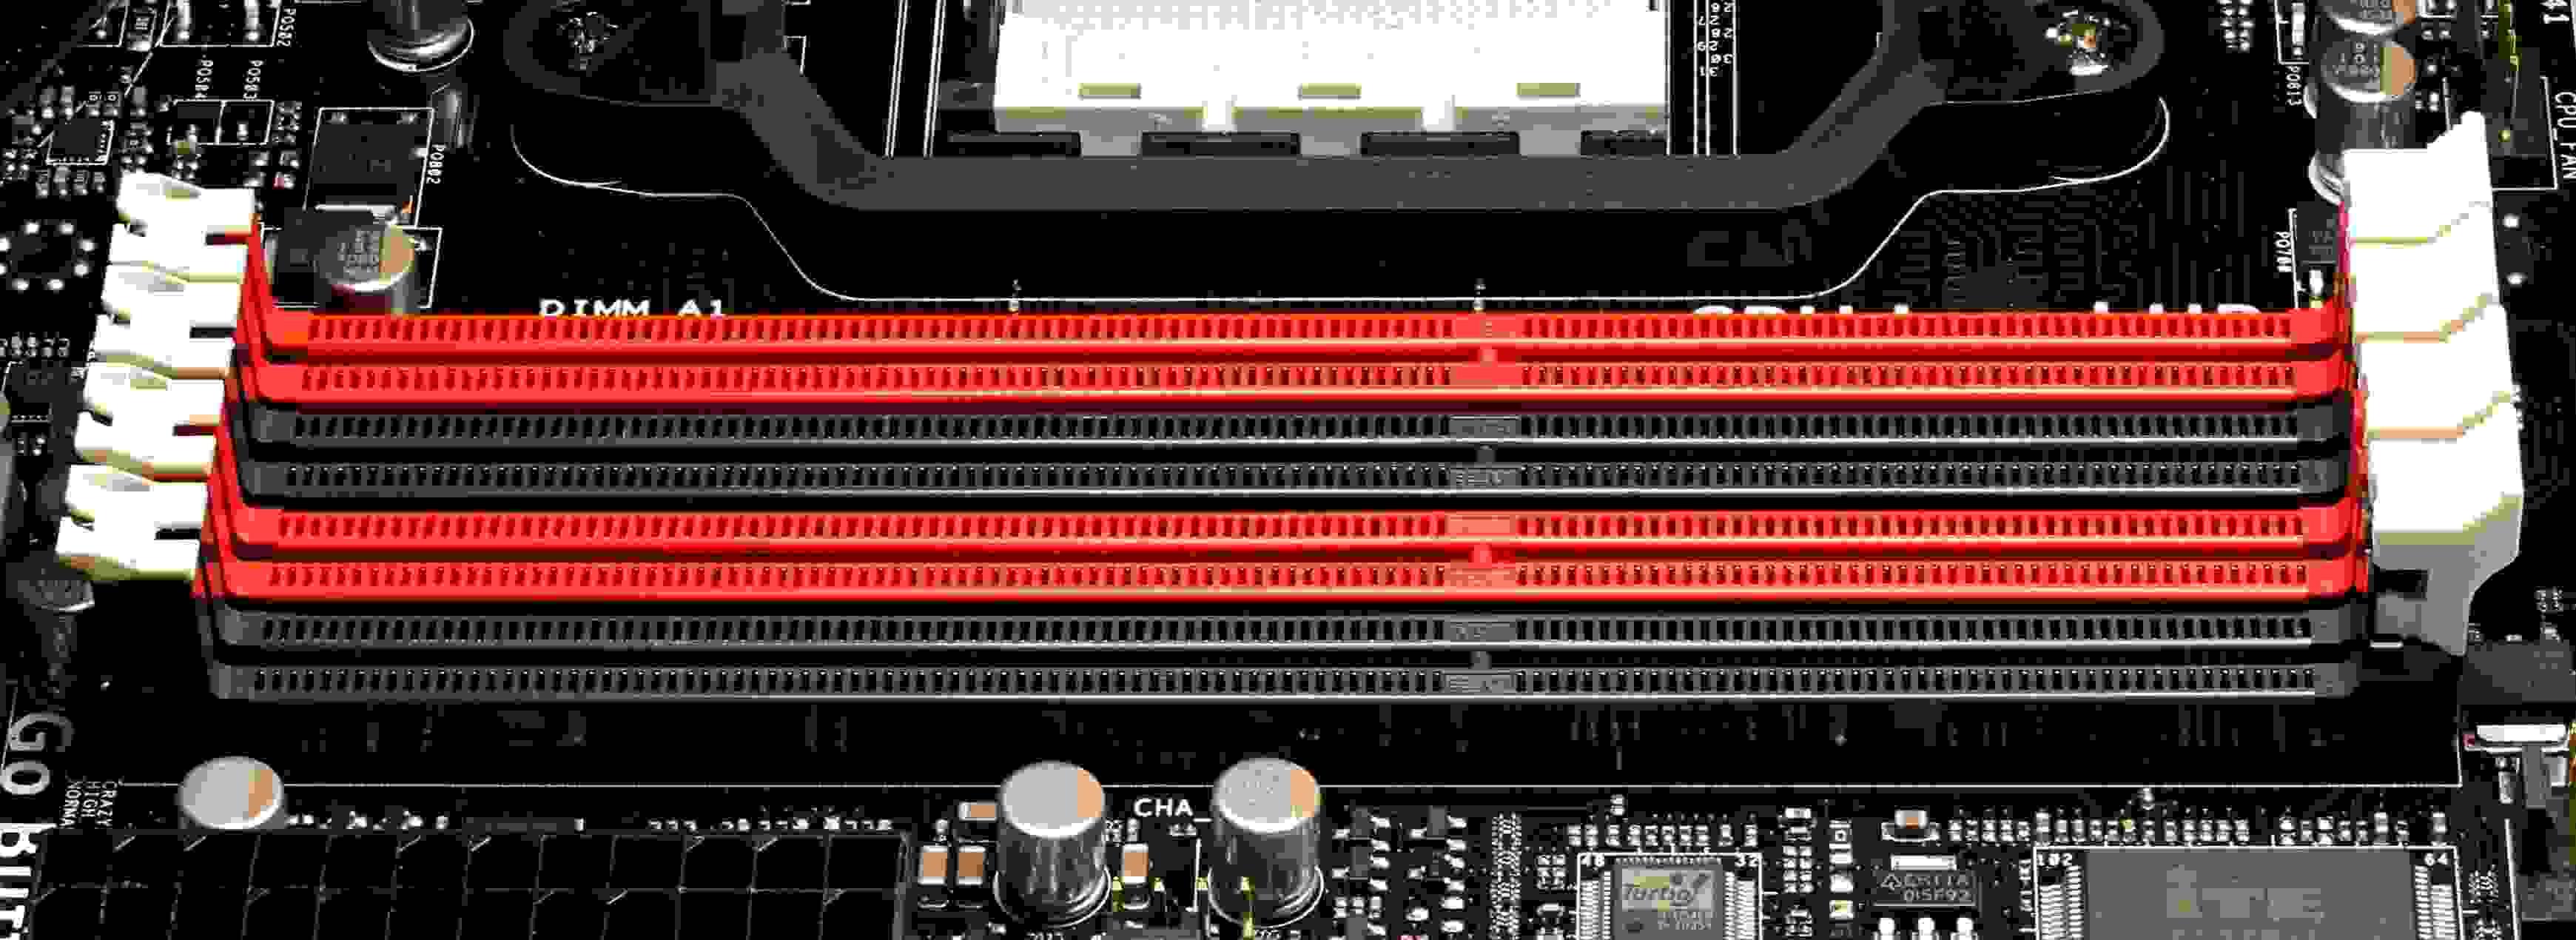 Слоты для двухканальной работы ОЗУ окрашены одним цветом